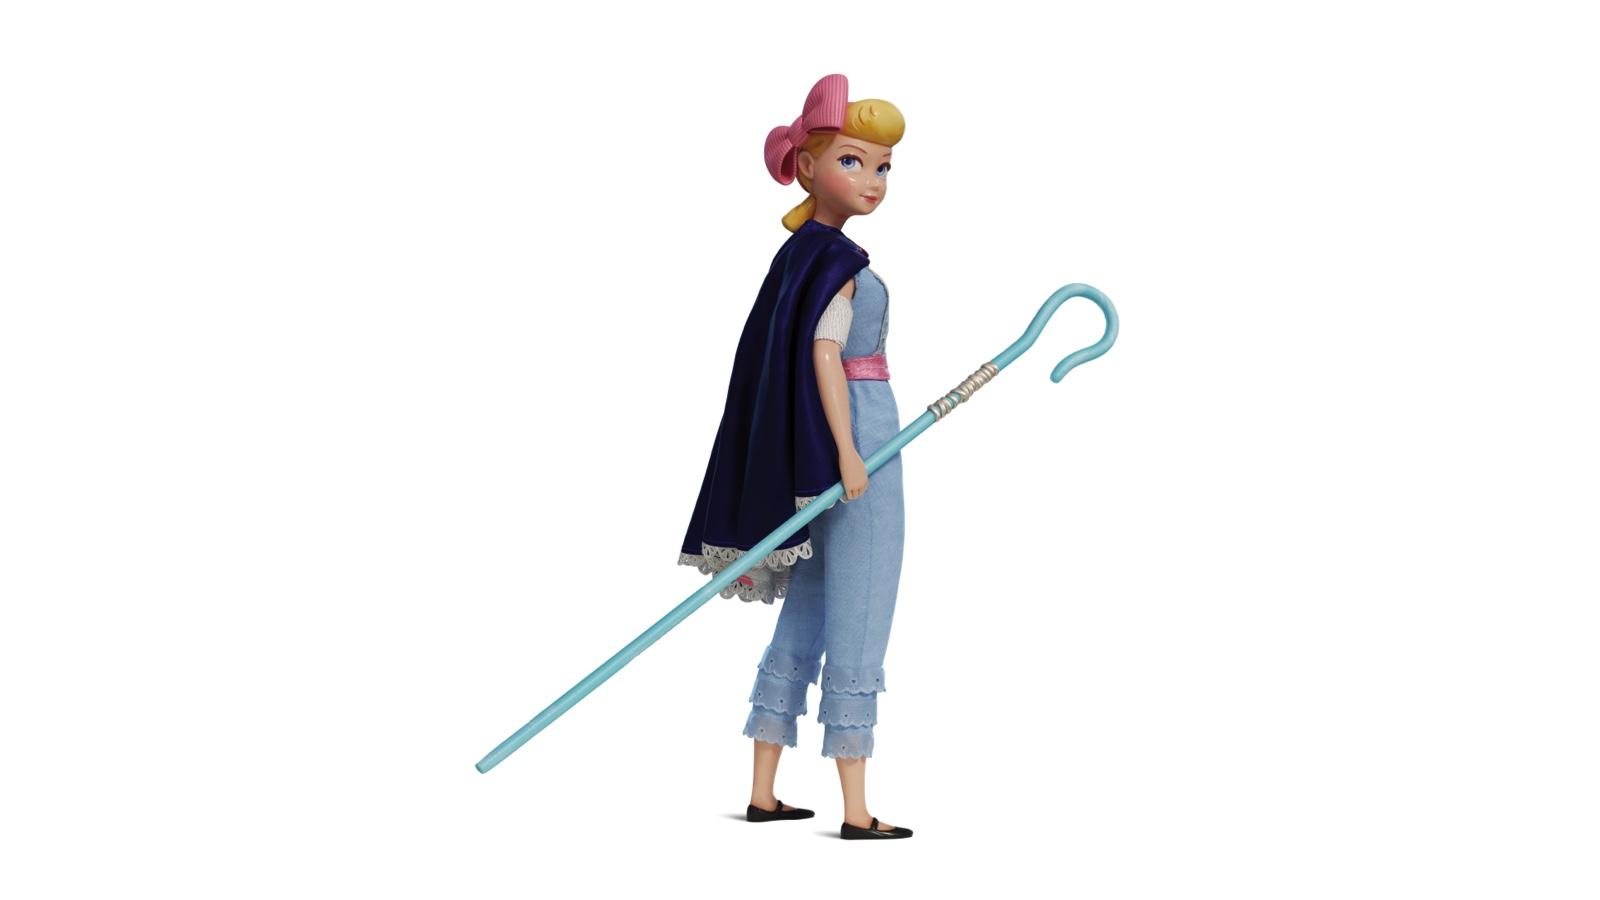 Bo Peep character